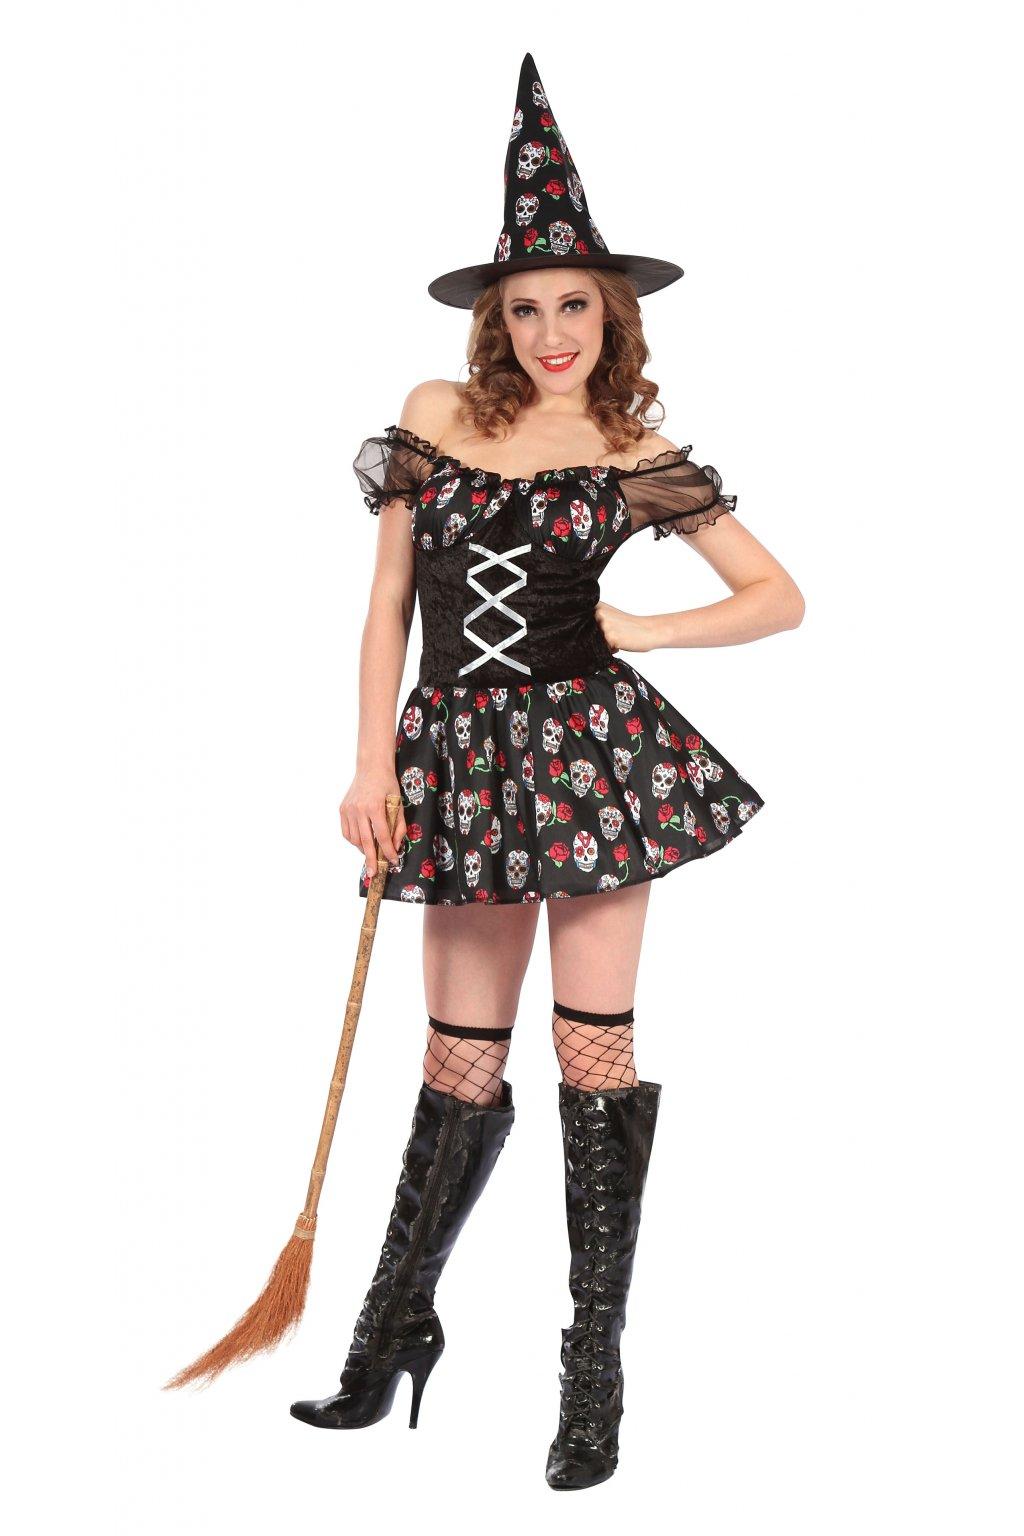 Dámský kostým čarodějnice Muerte - Den mrtvých (Day of the Dead)